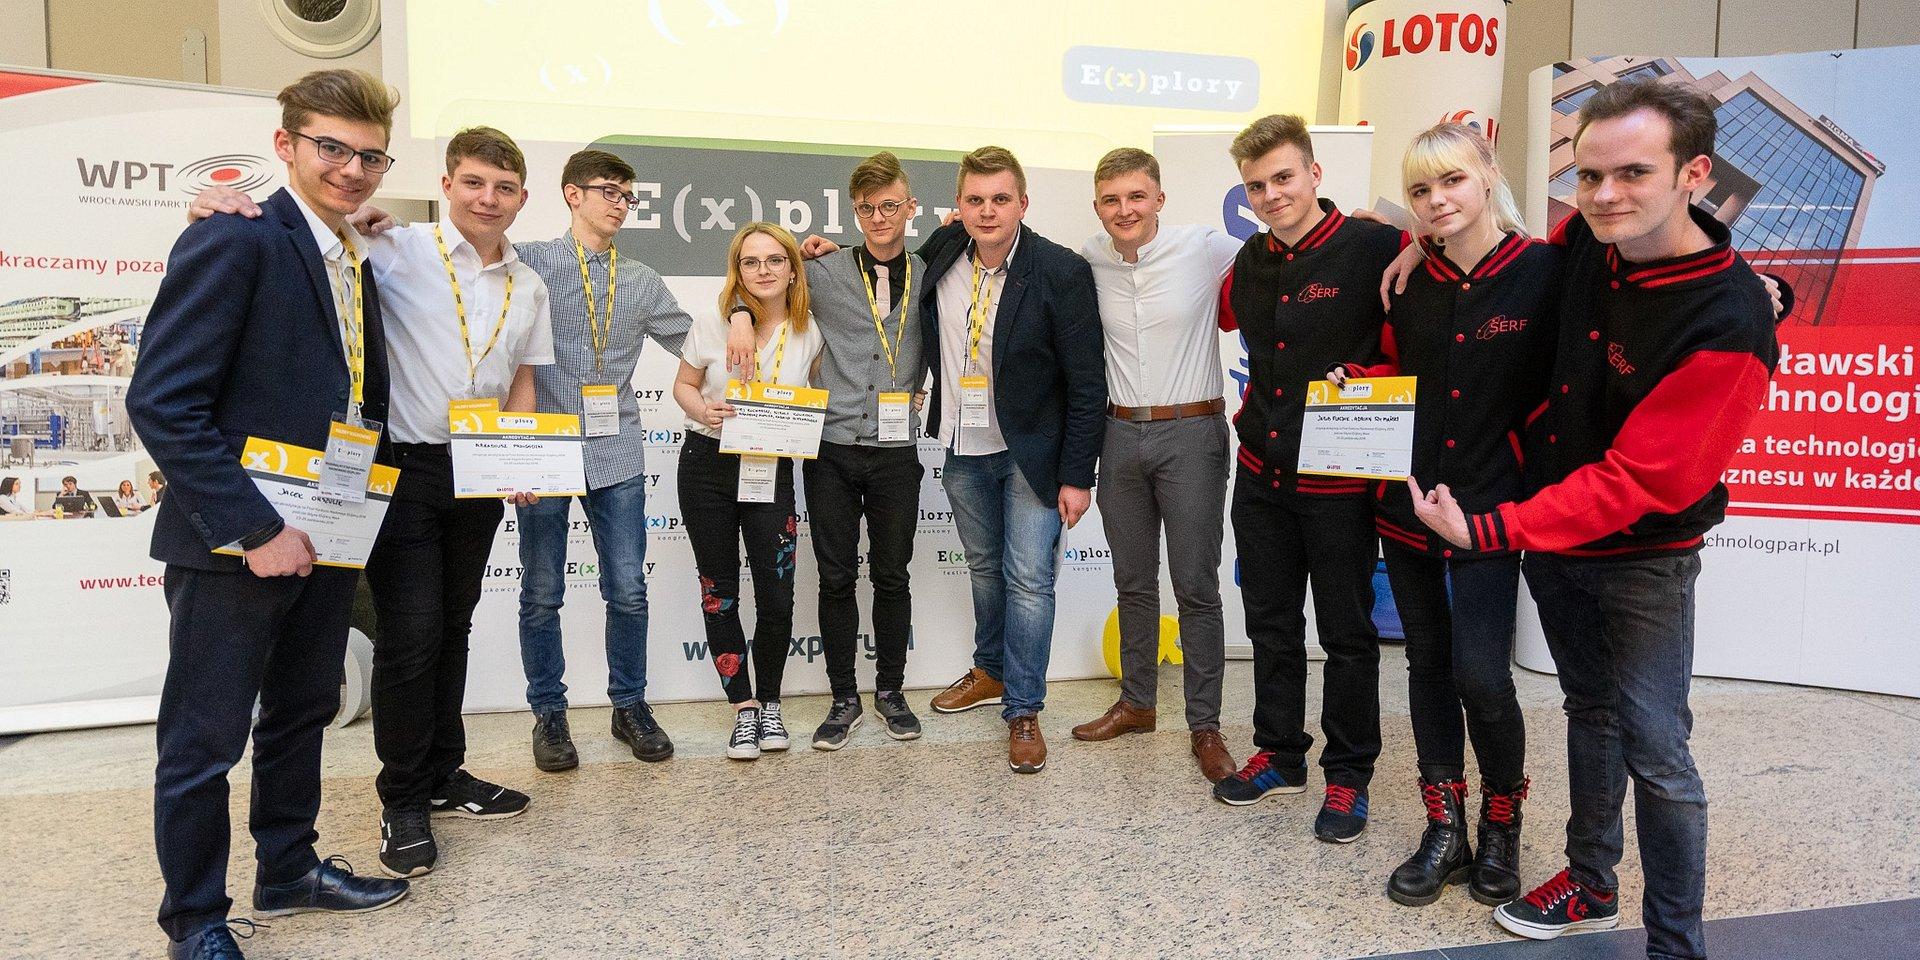 Przedstawiamy finalistów Konkursu Naukowego E(x)plory we Wrocławiu